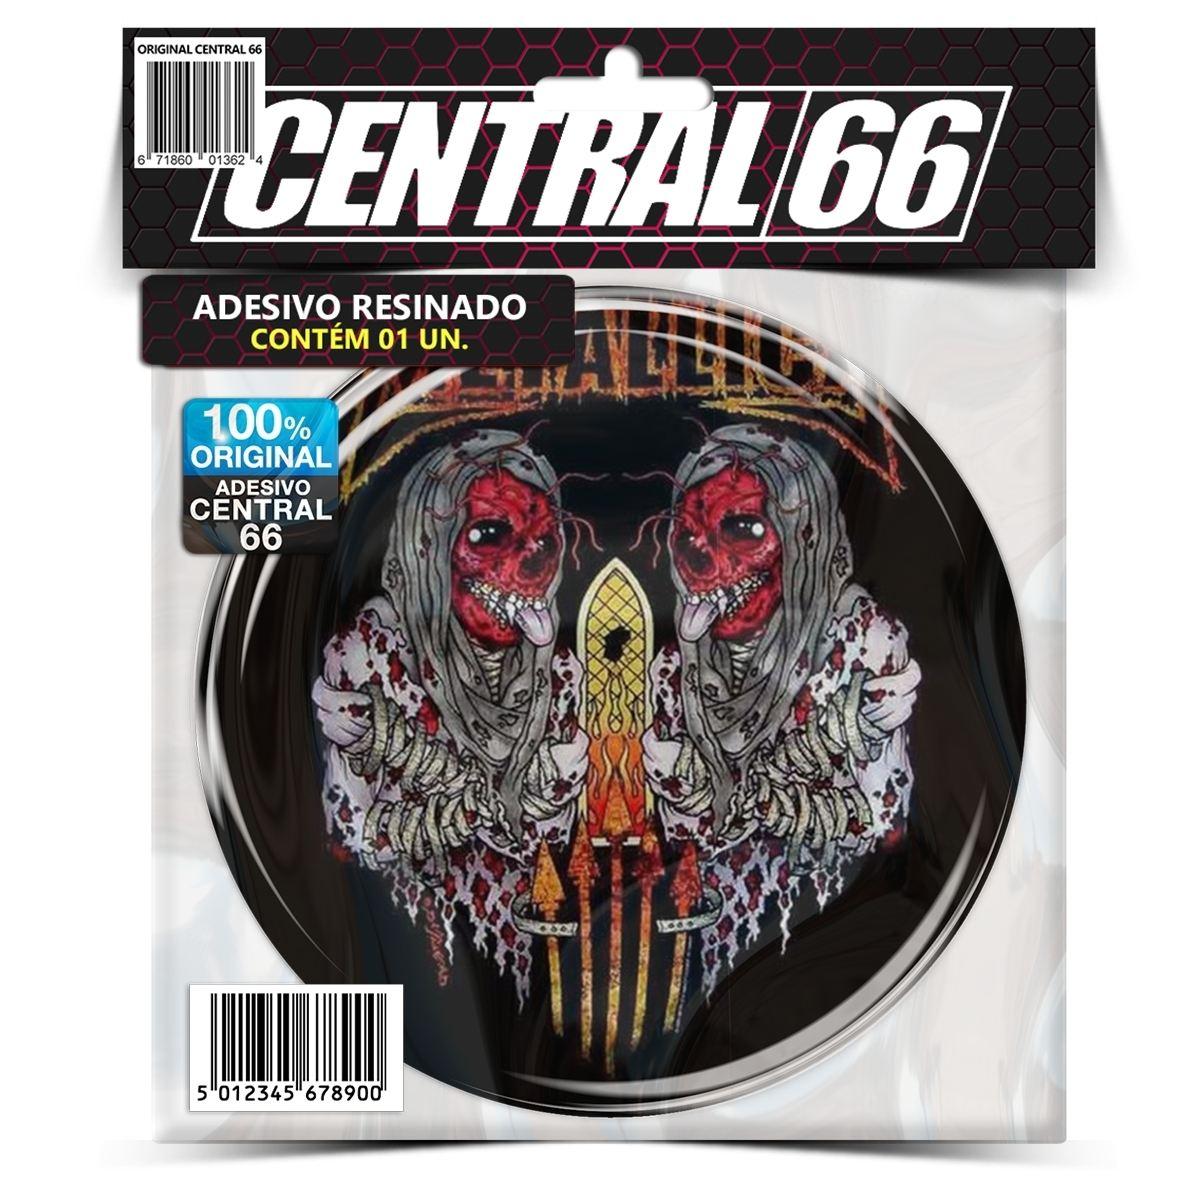 Adesivo Redondo Metallica – Central 66